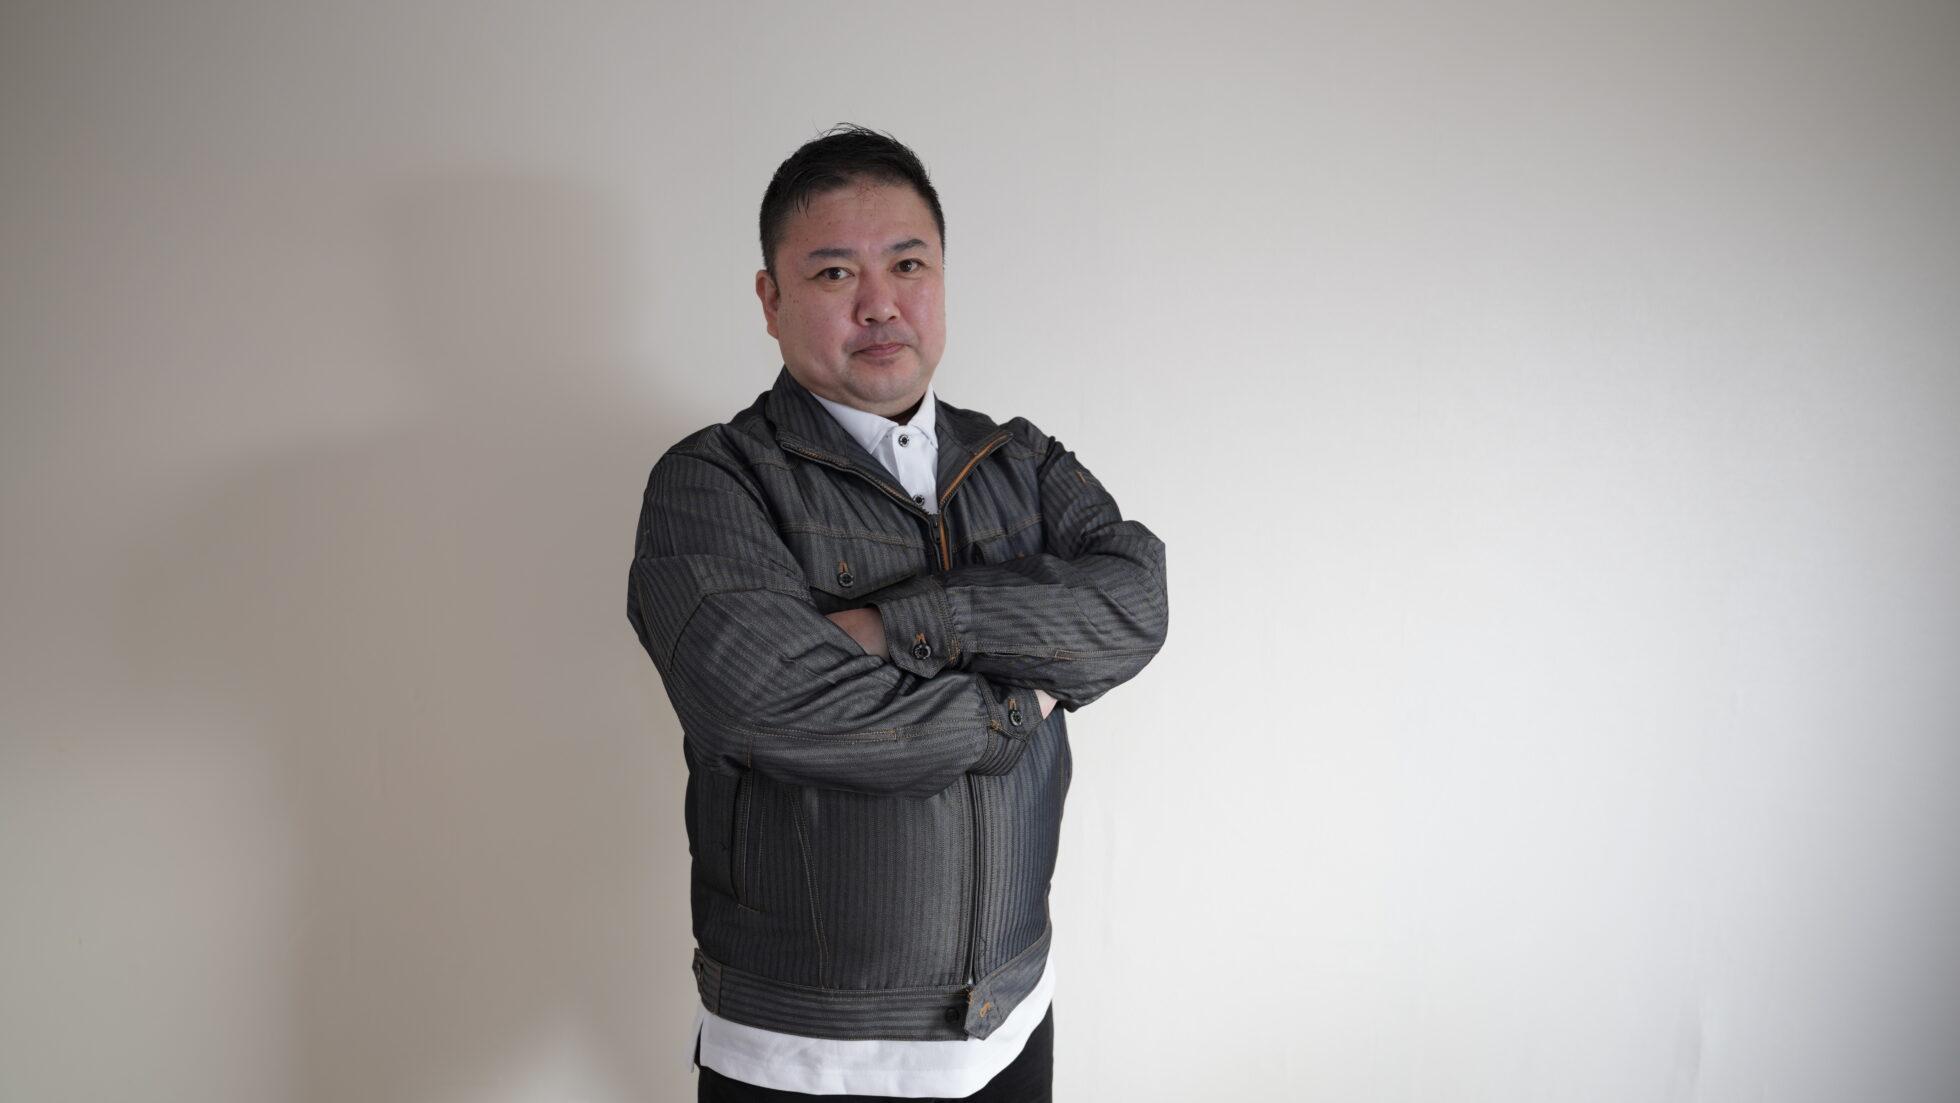 「根村 貴夫(ねむら たかお)」の顔写真